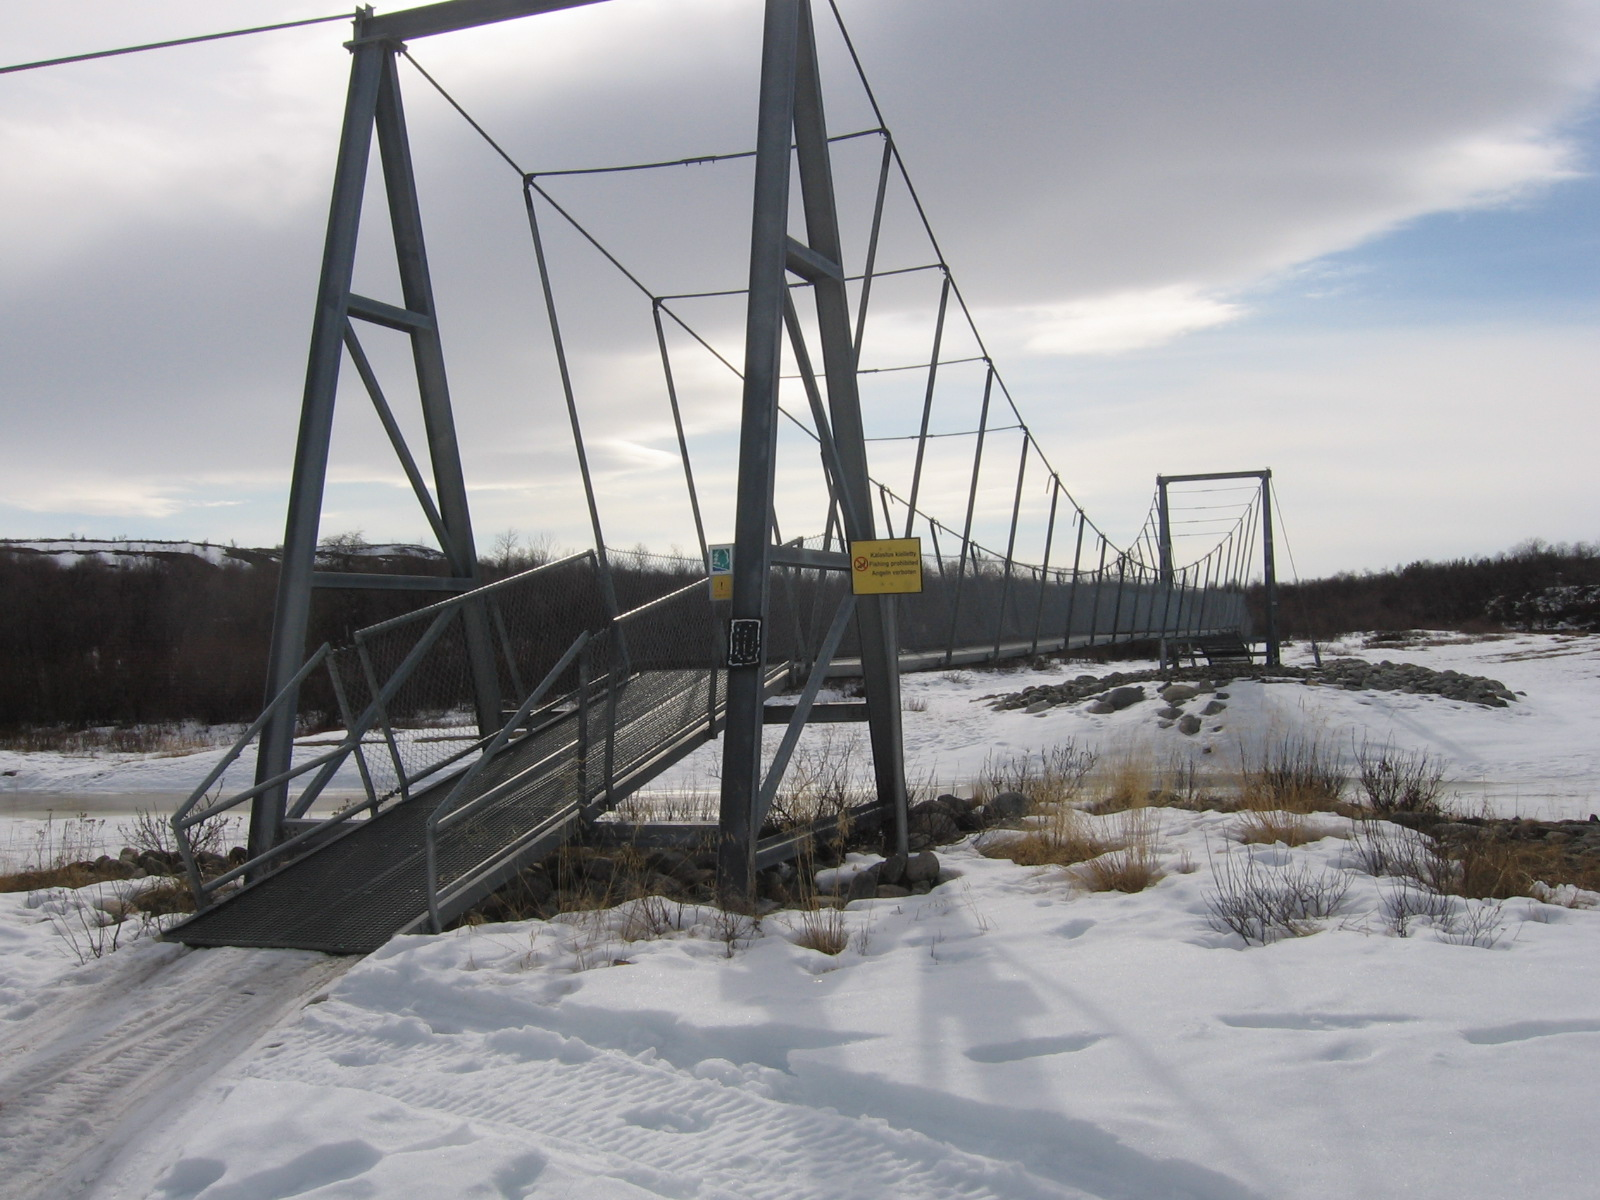 Pulmankijoen silta 15.4.2010